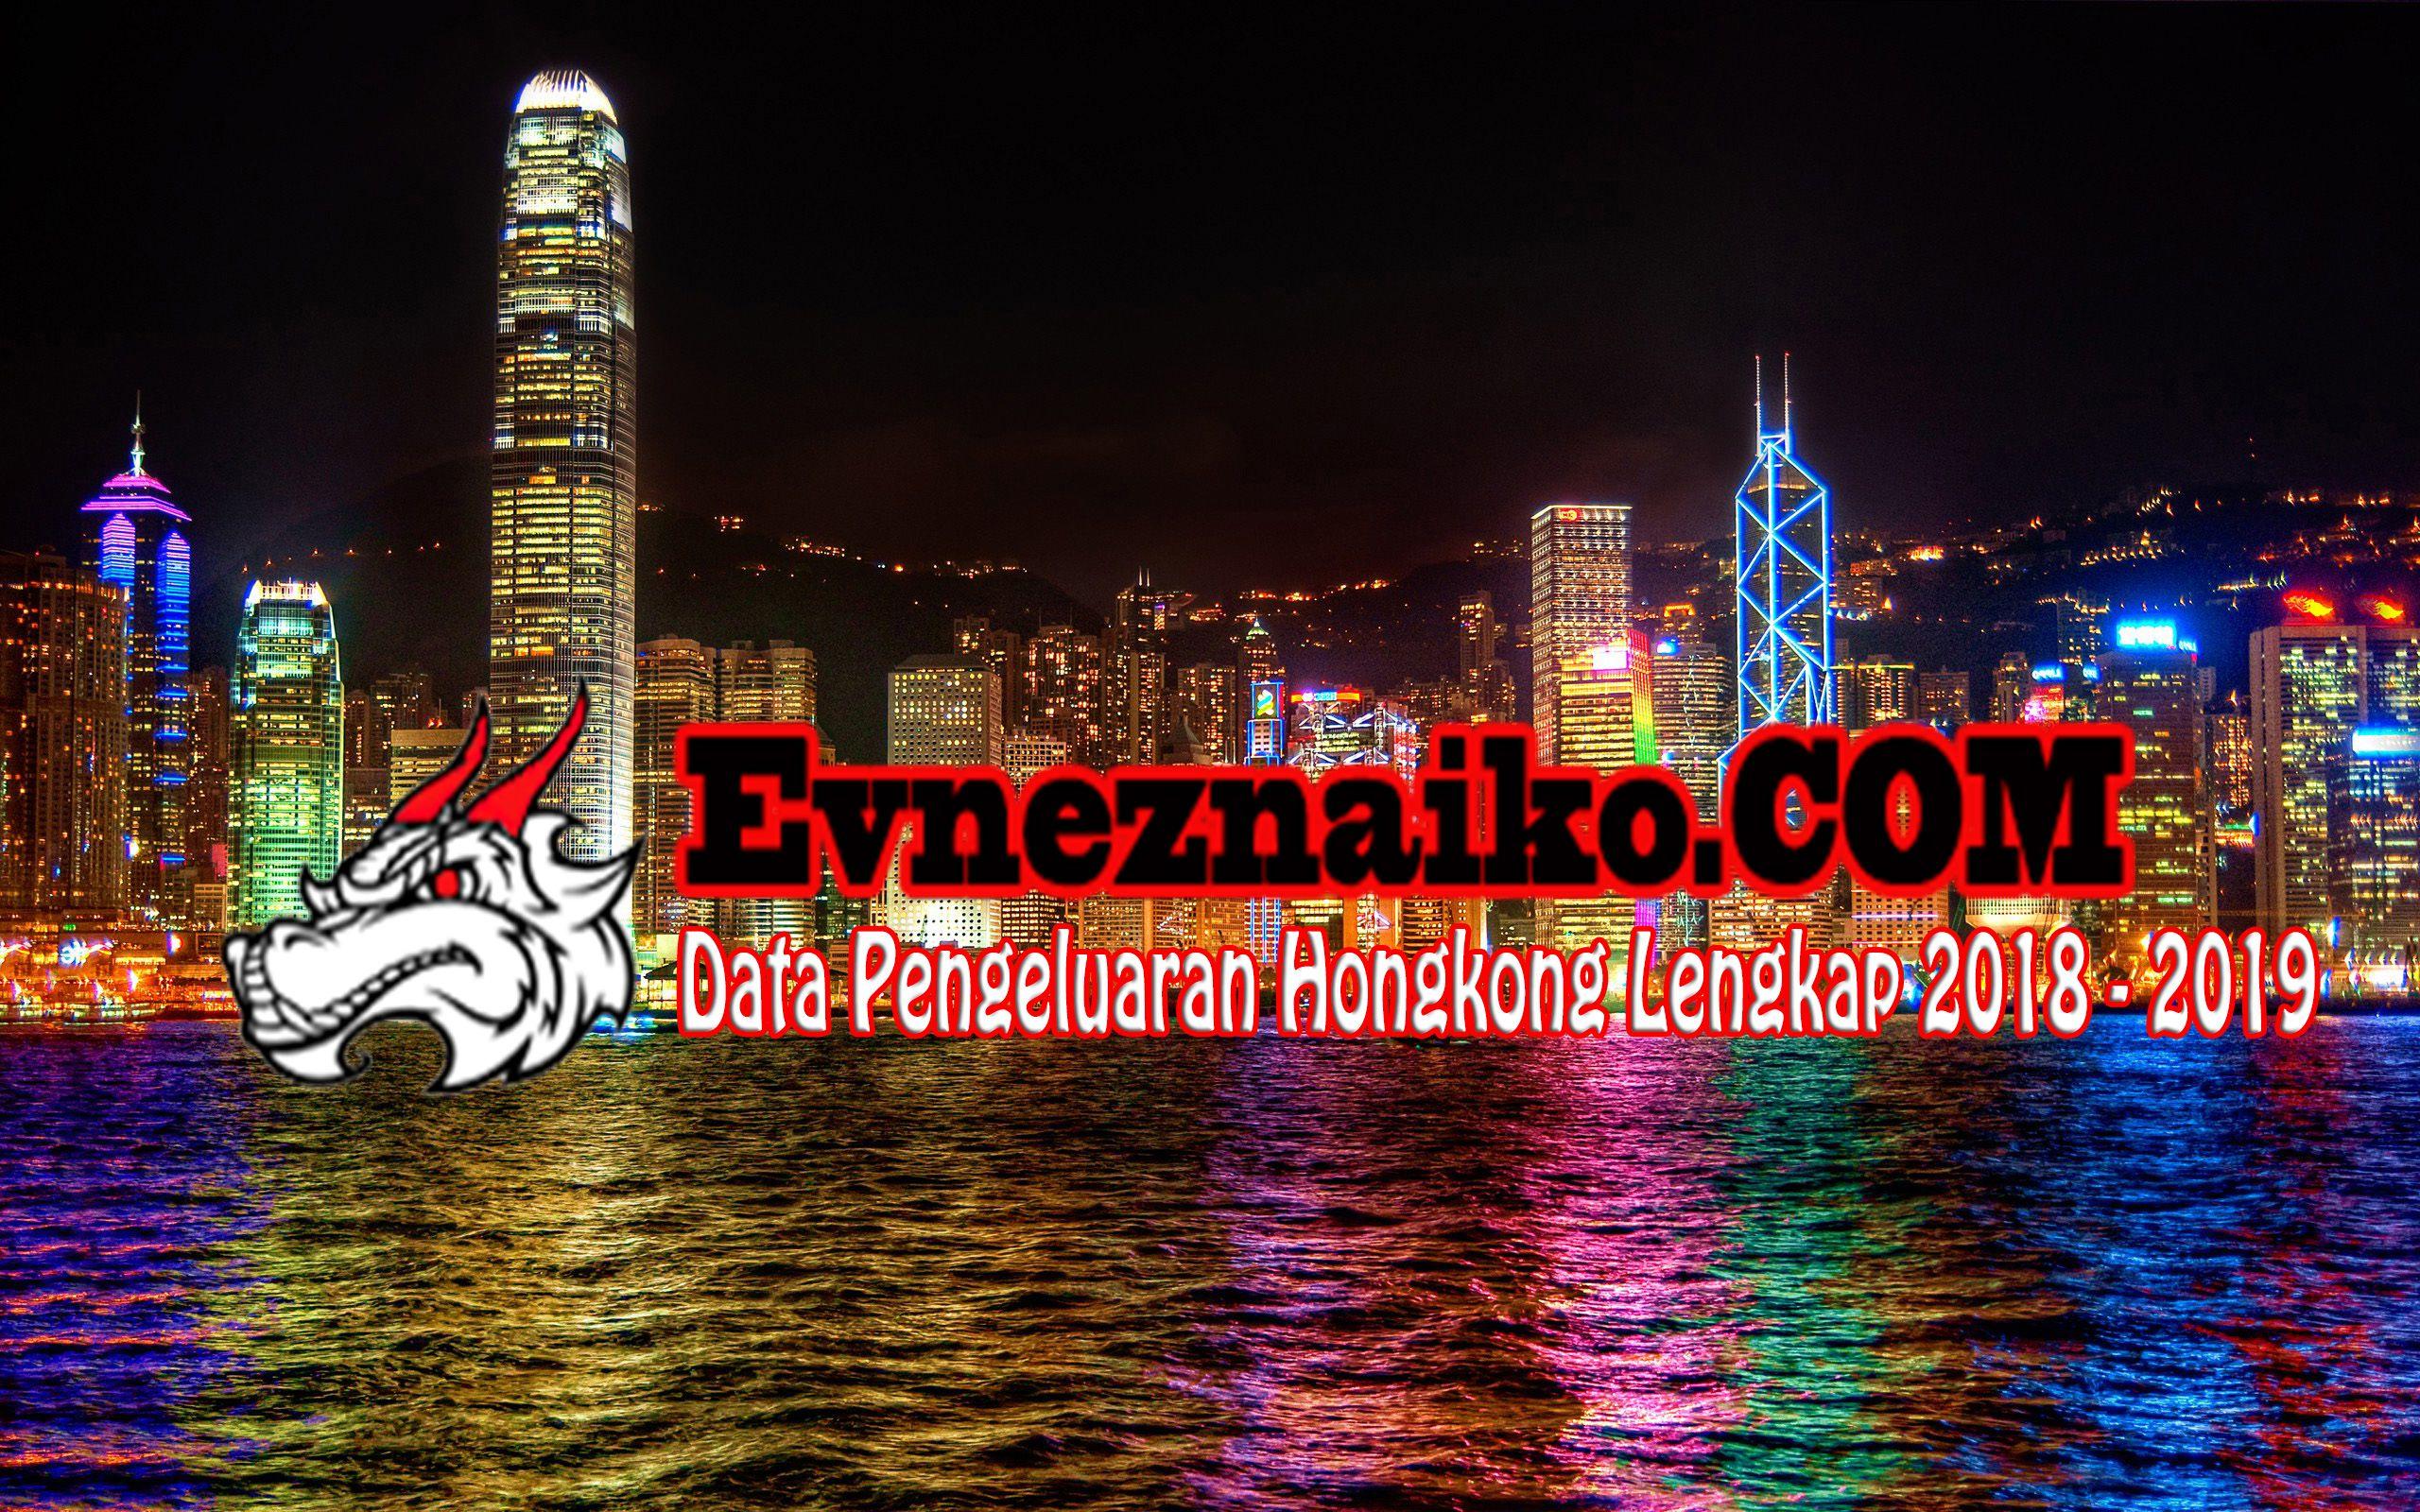 Data HK Pengeluaran Hongkong Lengkap